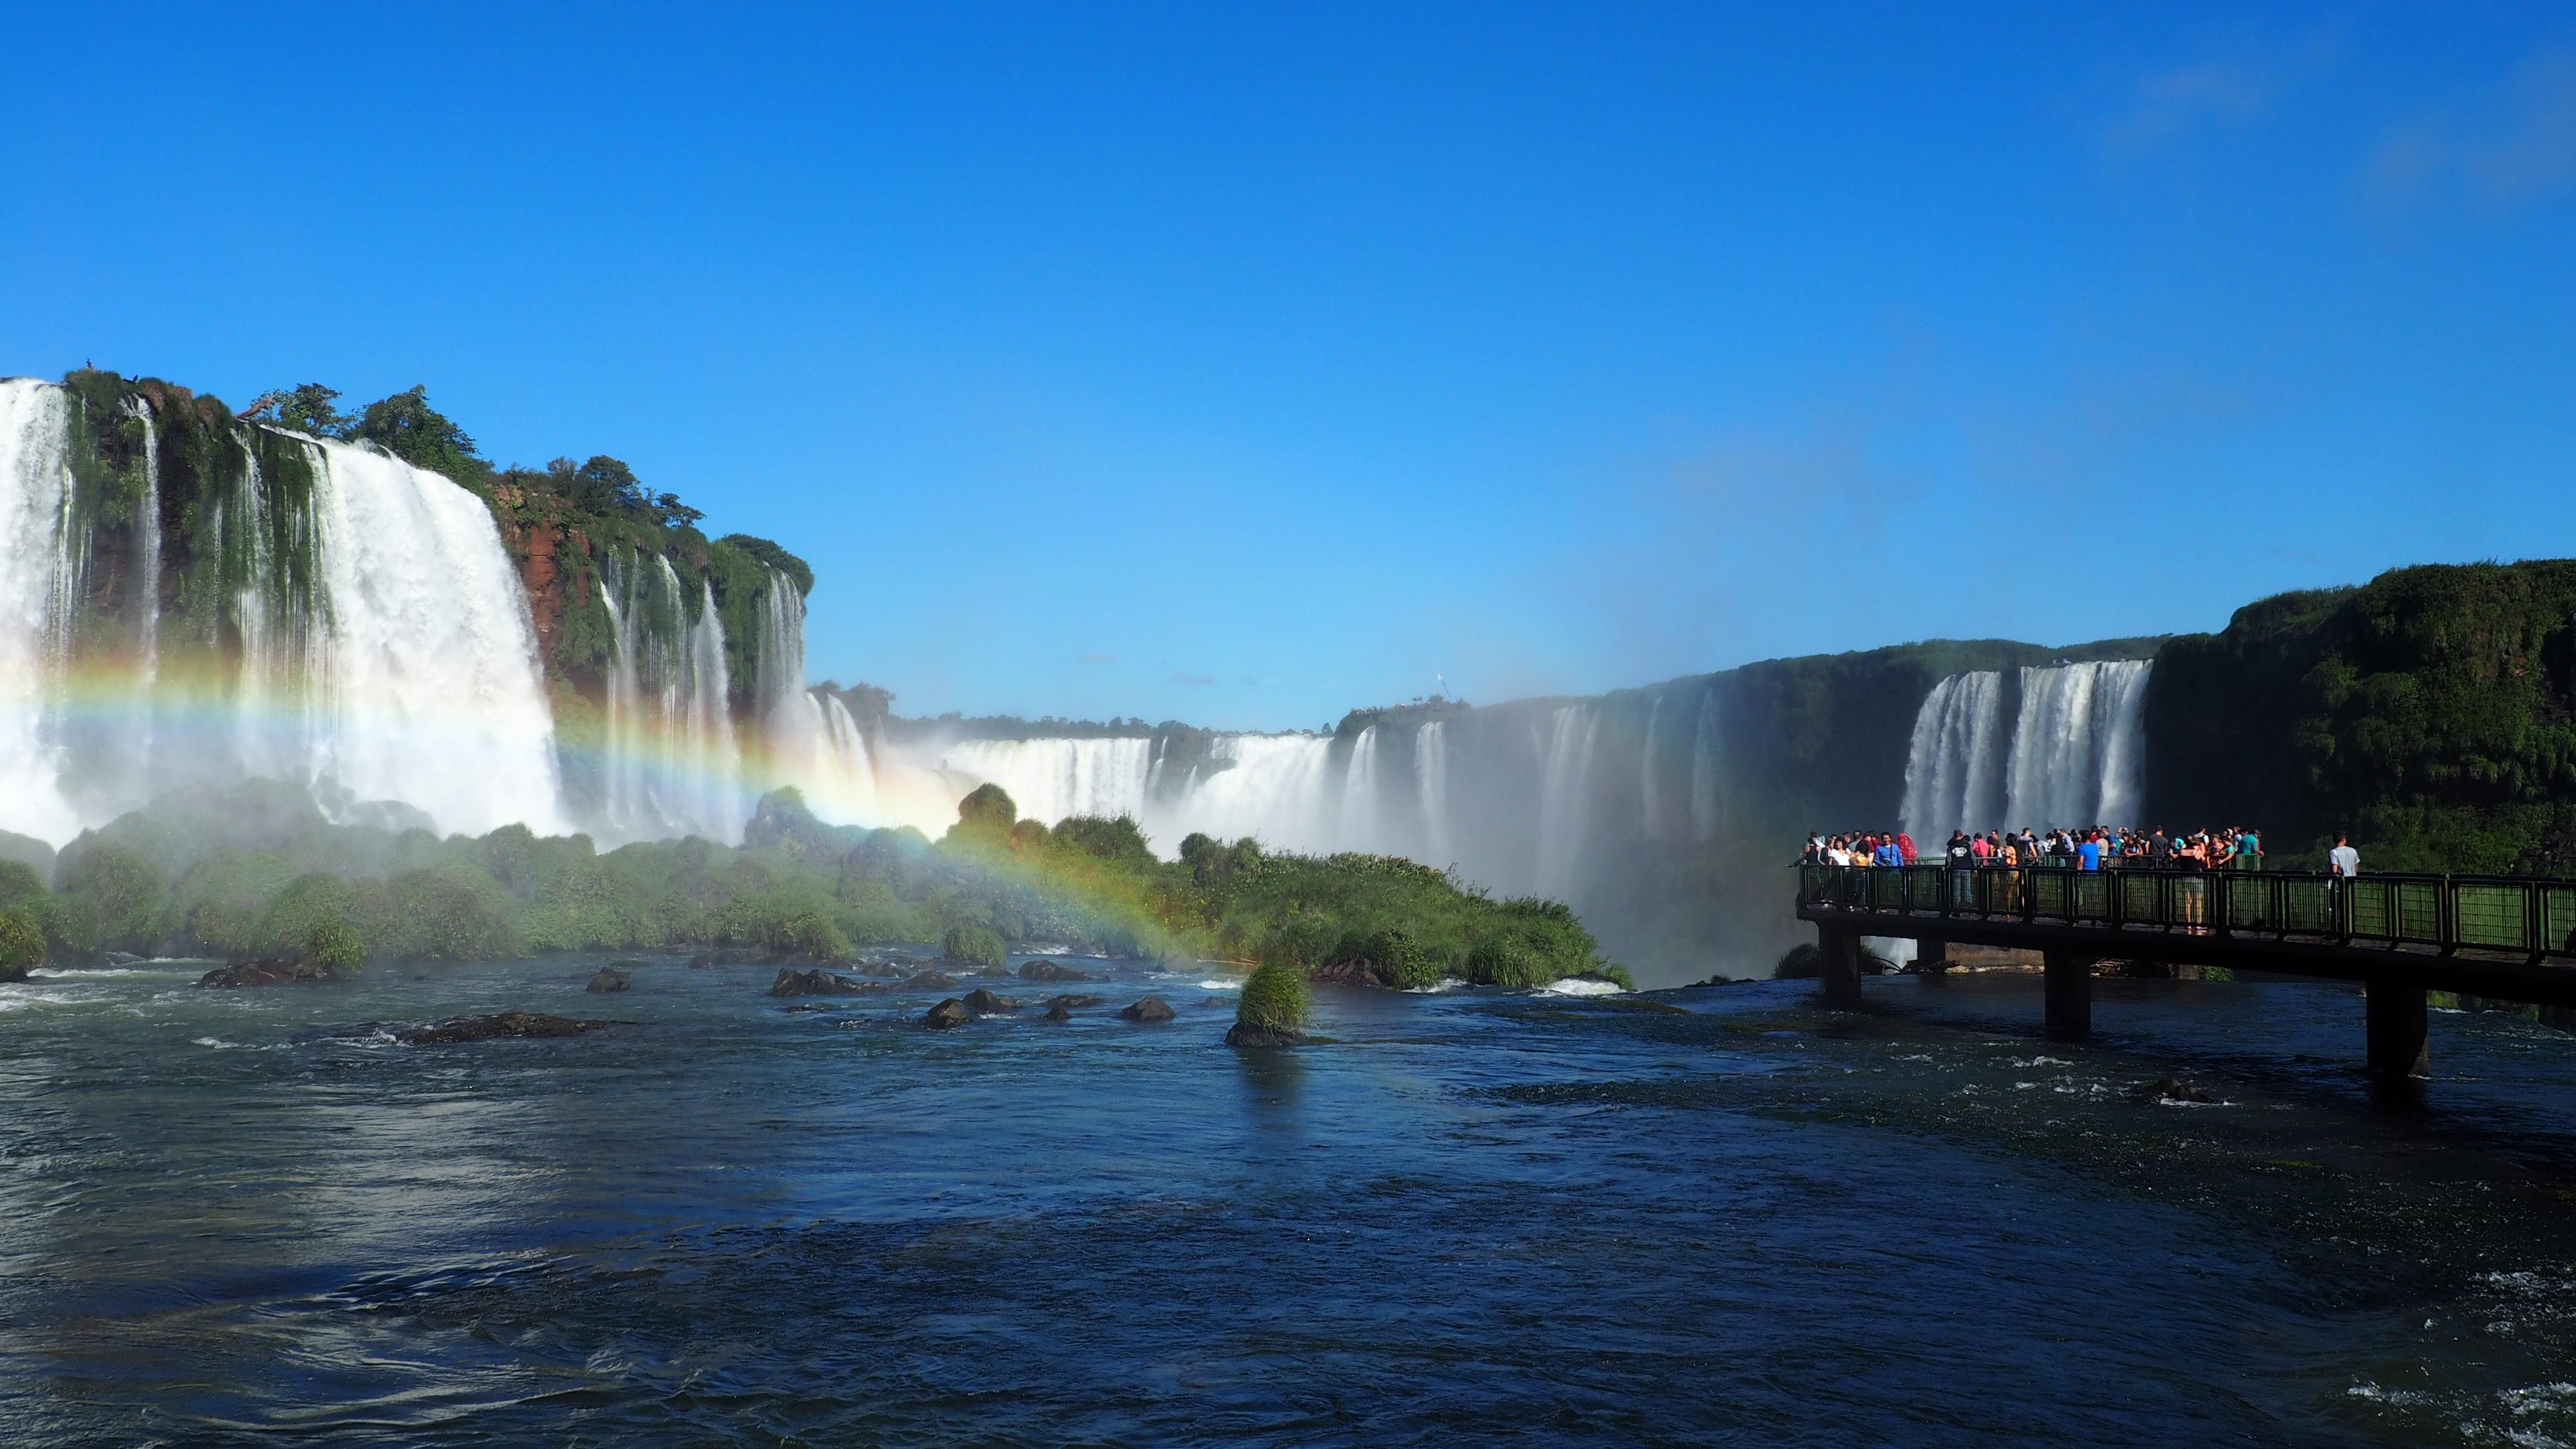 Vista desde la pasarela sobre el lado brasileño de las Cataratas de Iguazú